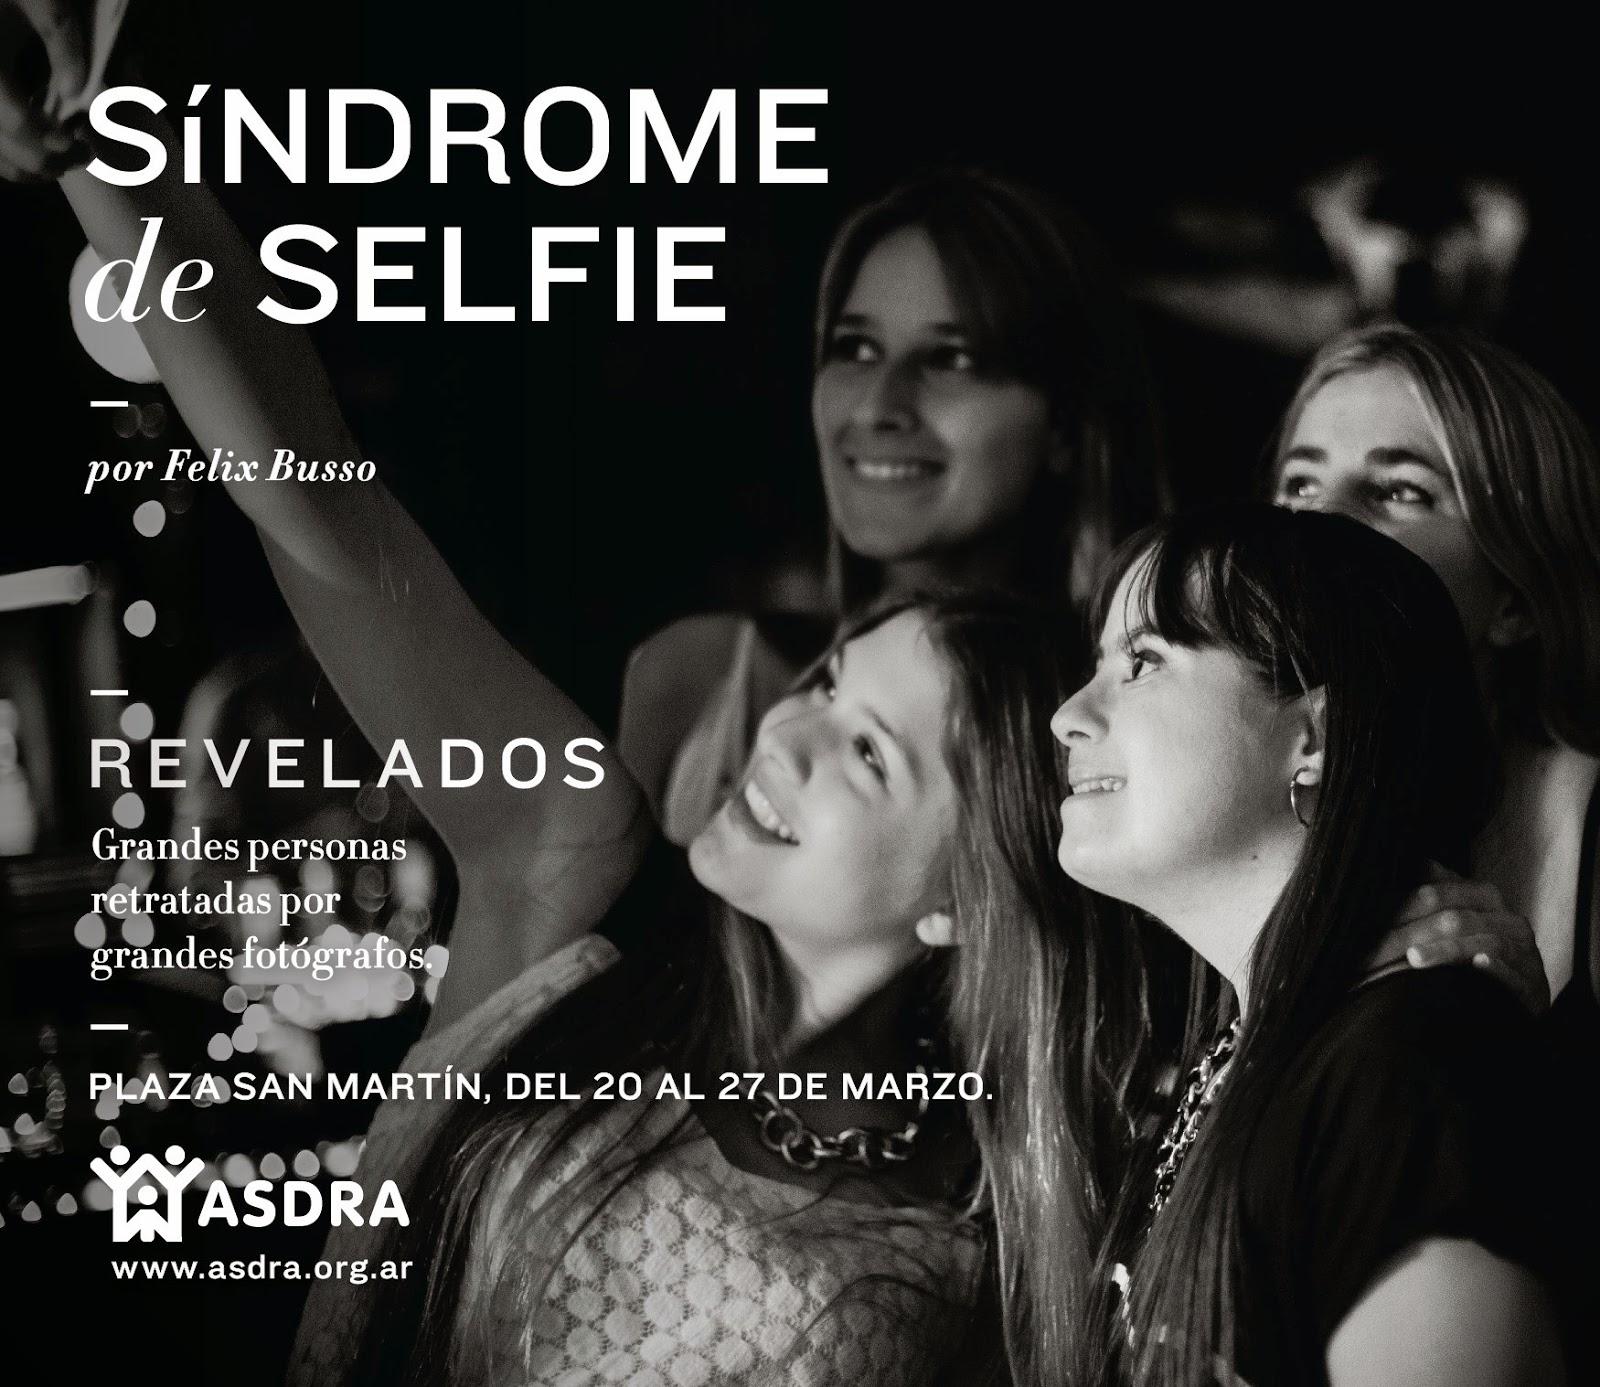 """La imagen es de un grupo de cuatro chicas tomandose una foto estilo """"selfie"""" una de ellas tiene Síndrome de Down. En sobre impreso el título de la foto y datos de la campaña."""